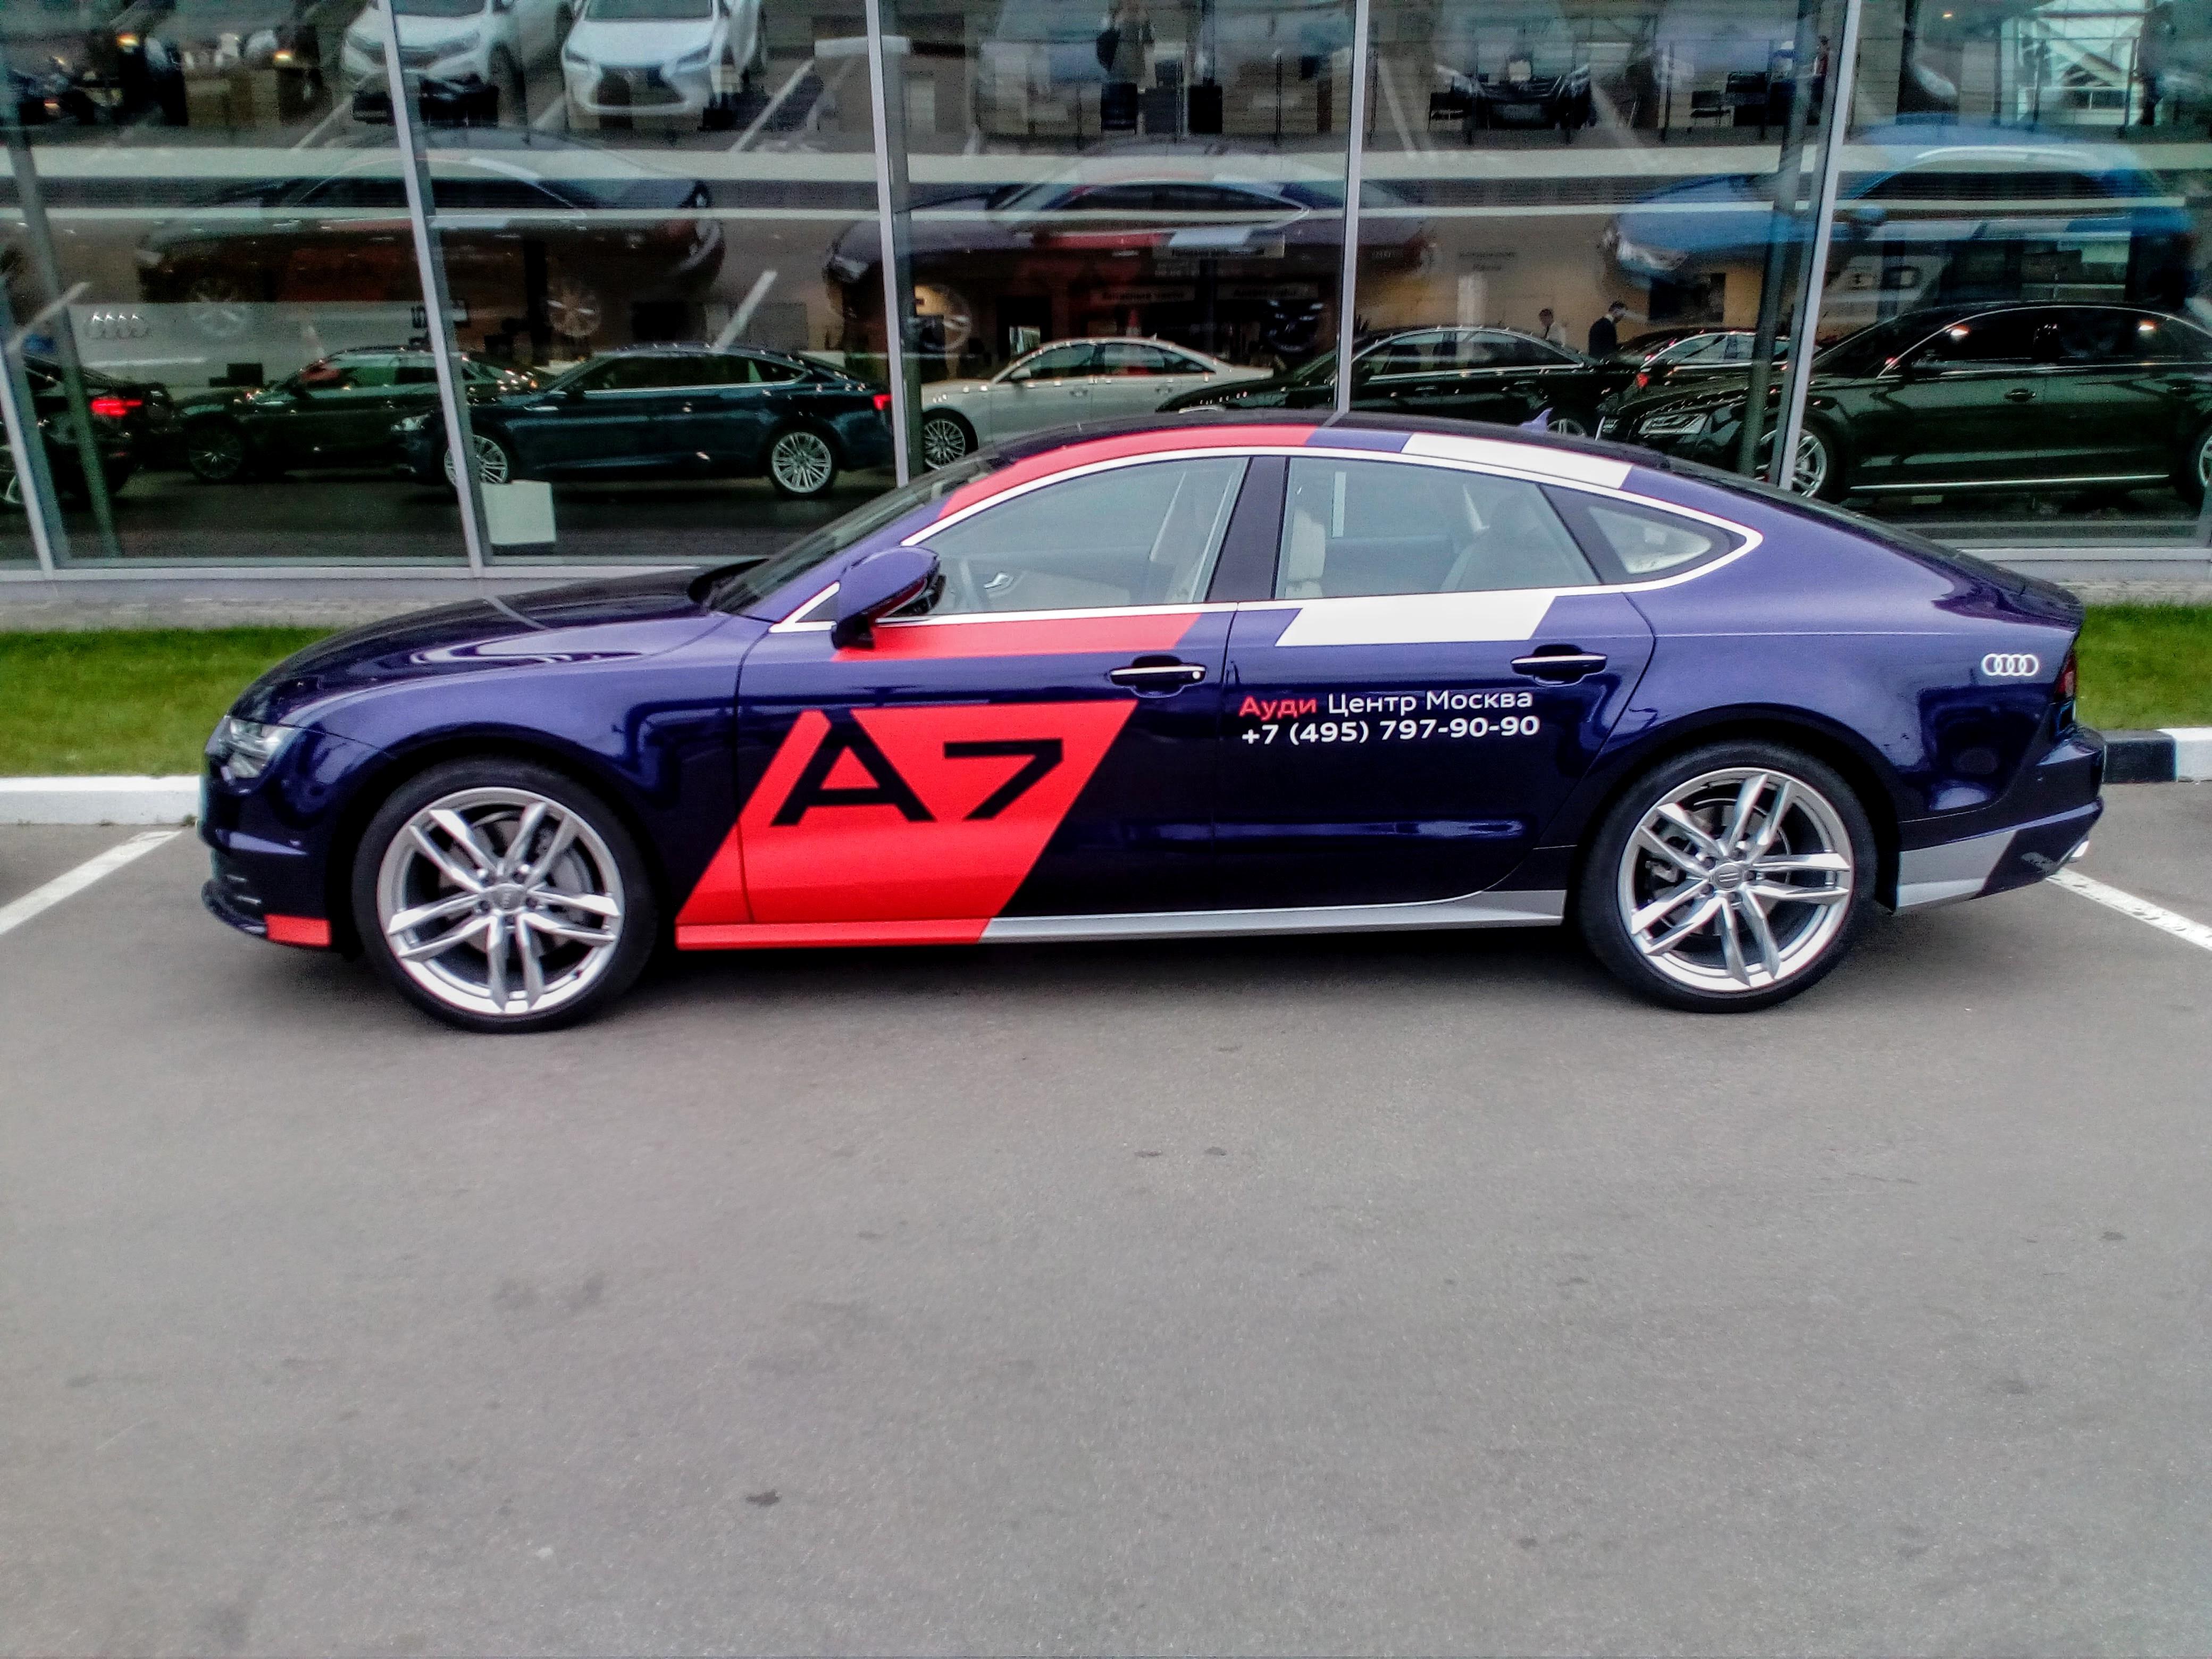 Брендирование автомобиля на Варшавке